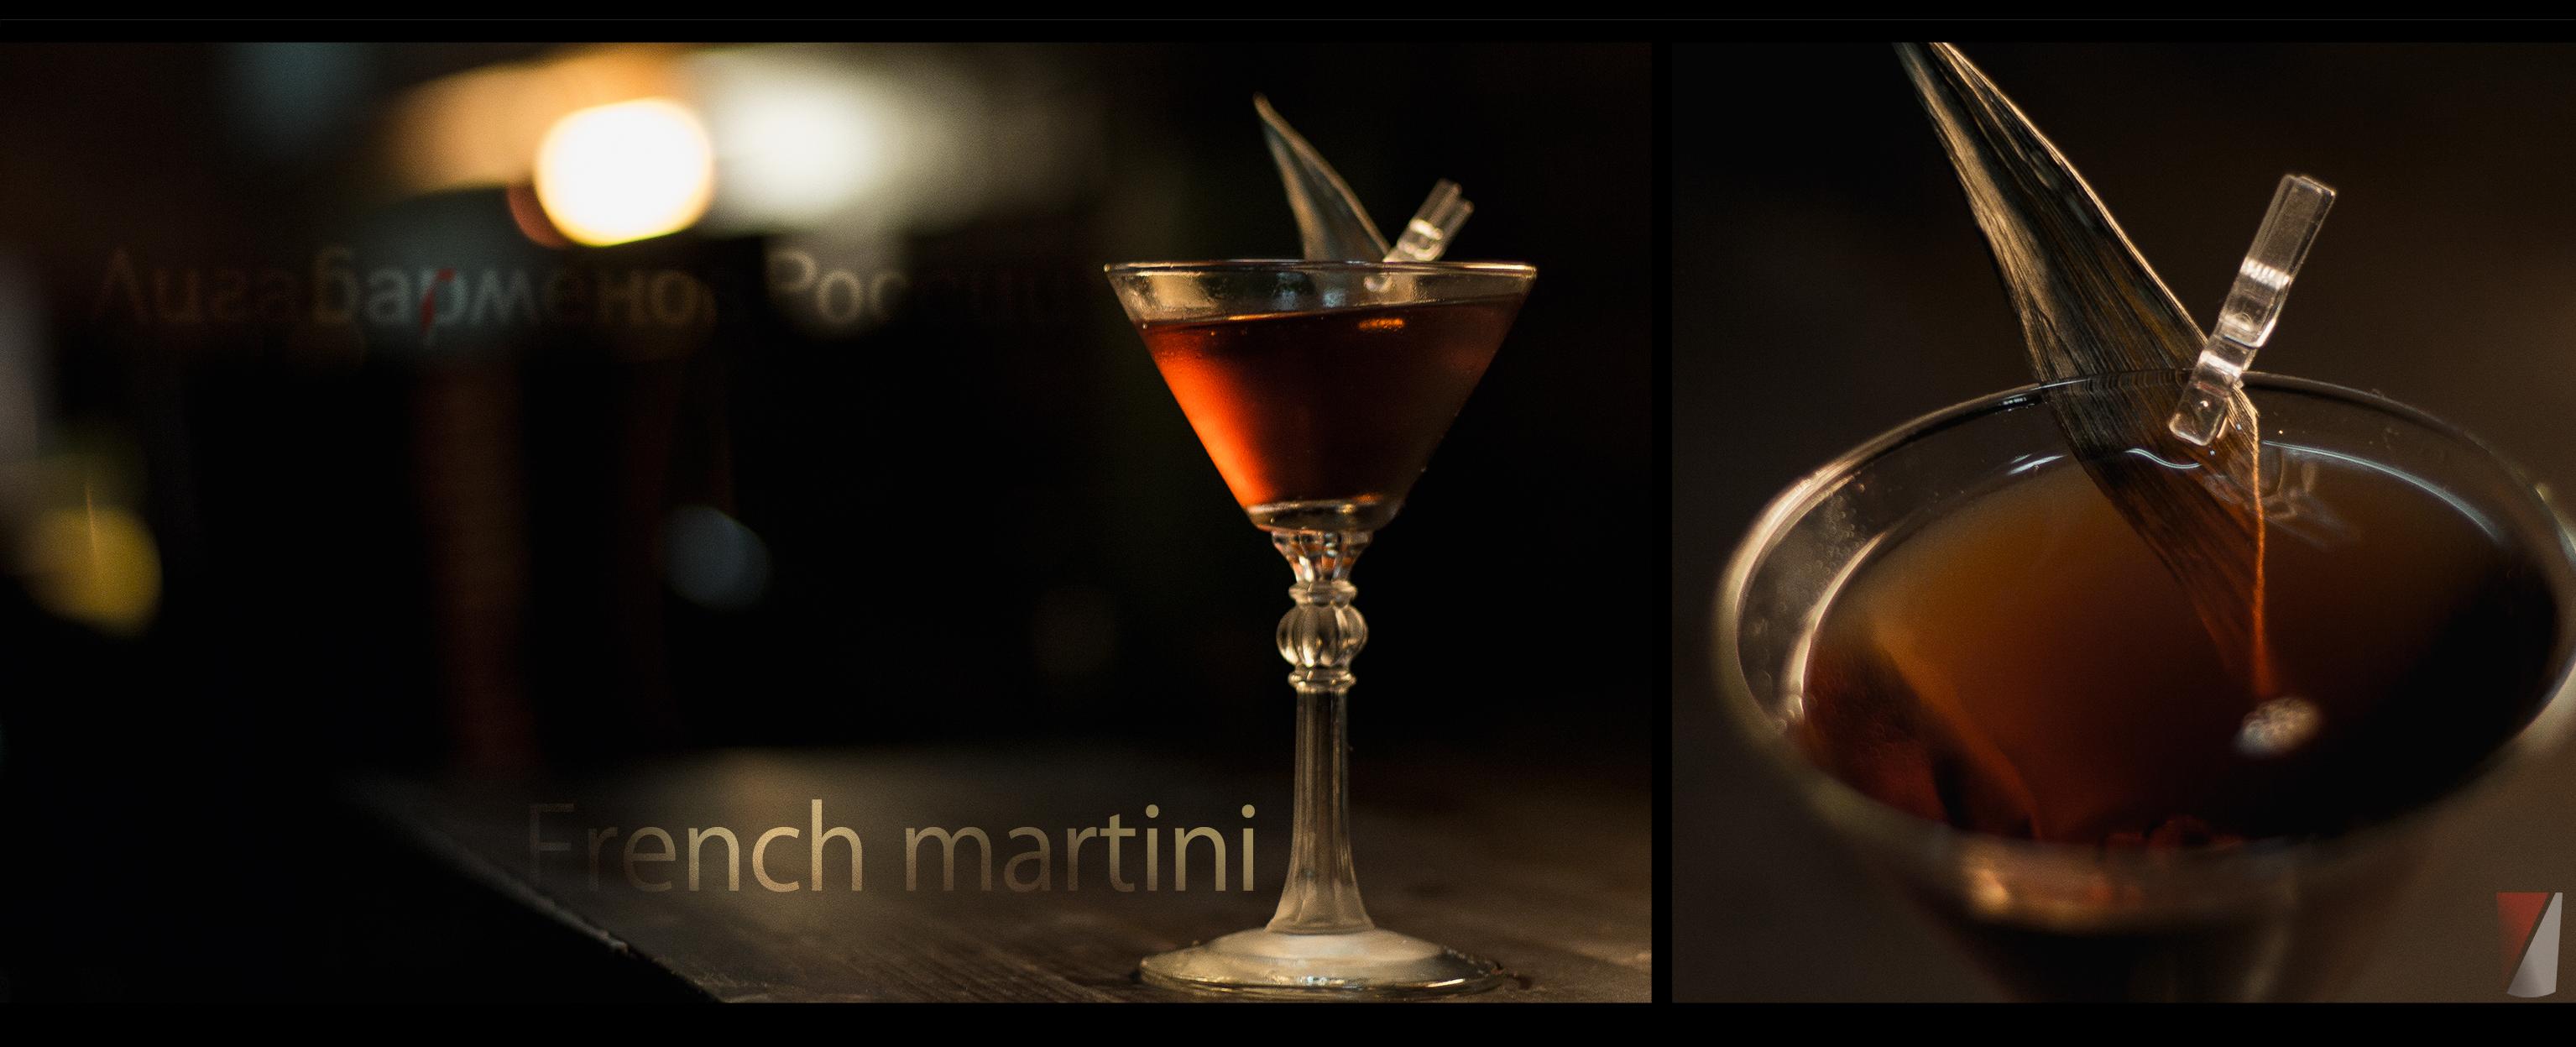 Рецепт коктейля French-martini